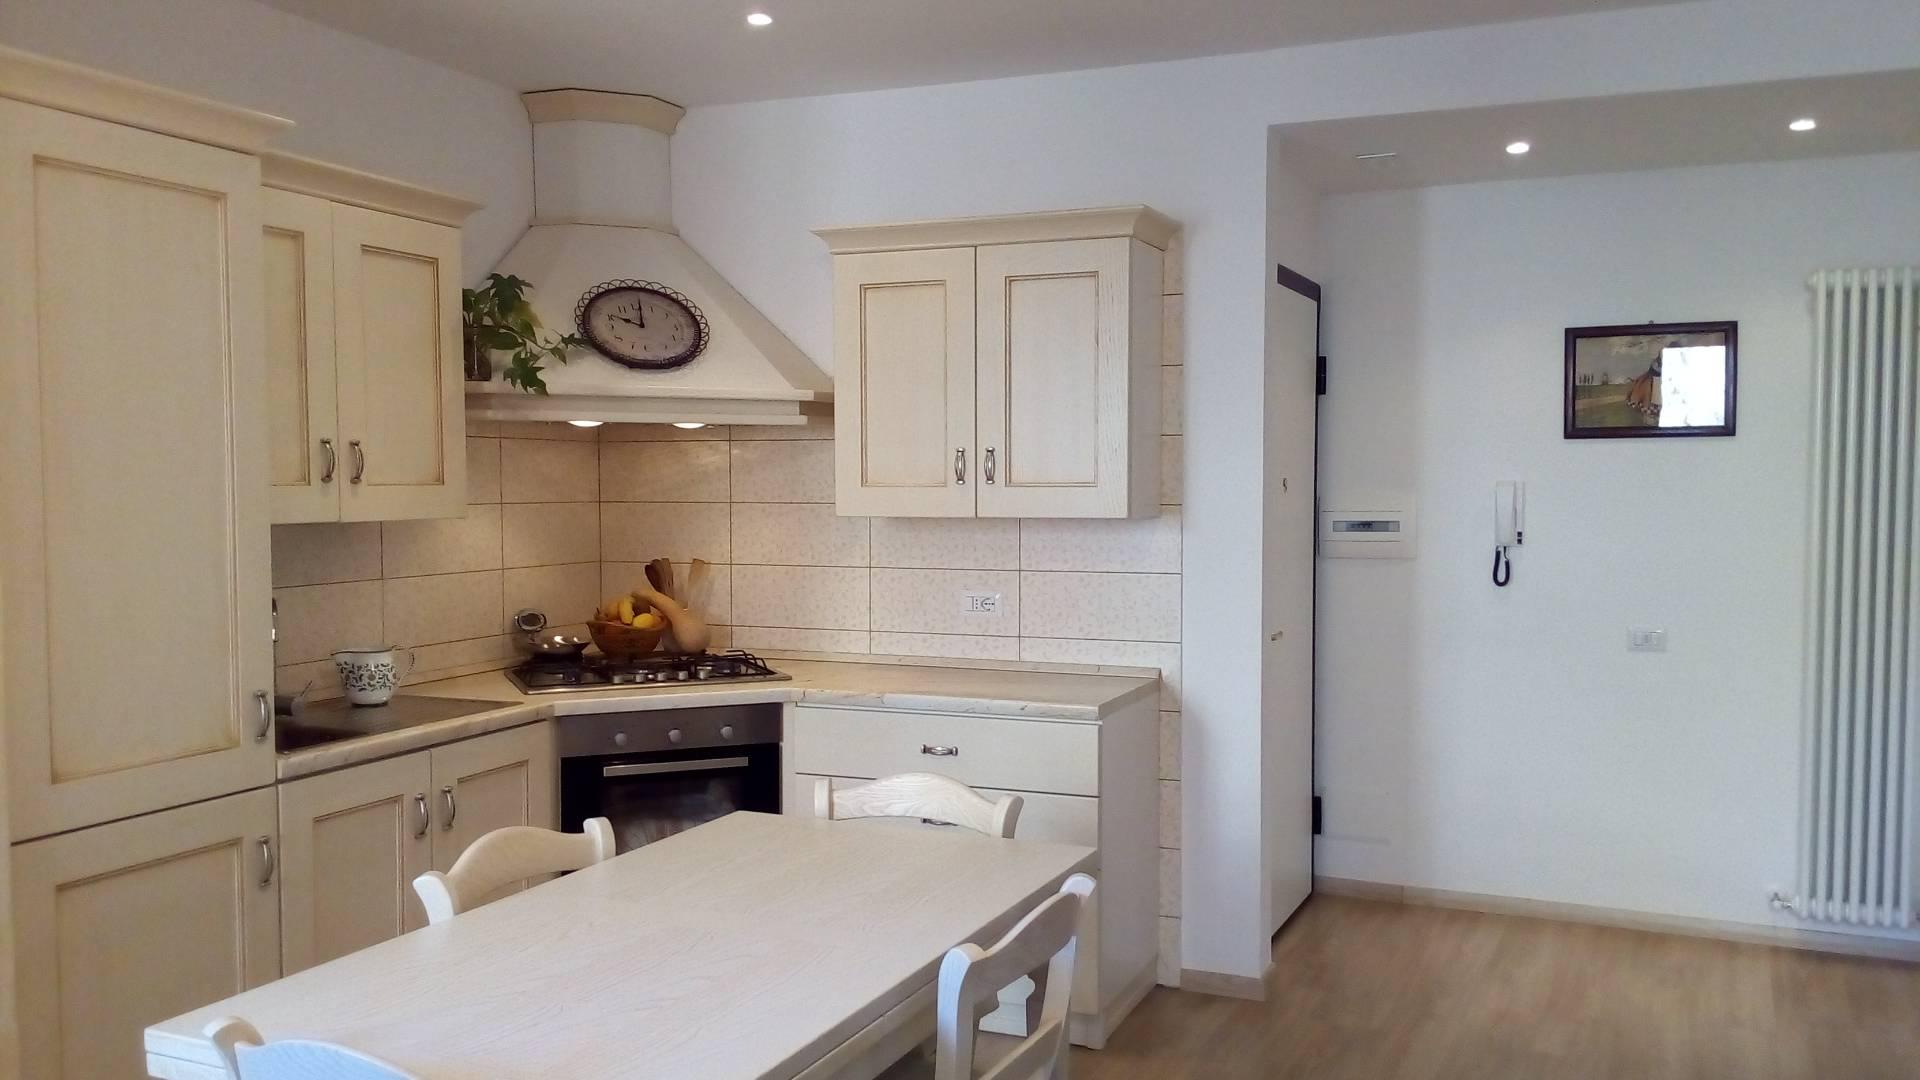 Appartamento in affitto a Ascoli Piceno, 5 locali, zona Località: CentroStorico, prezzo € 500 | CambioCasa.it